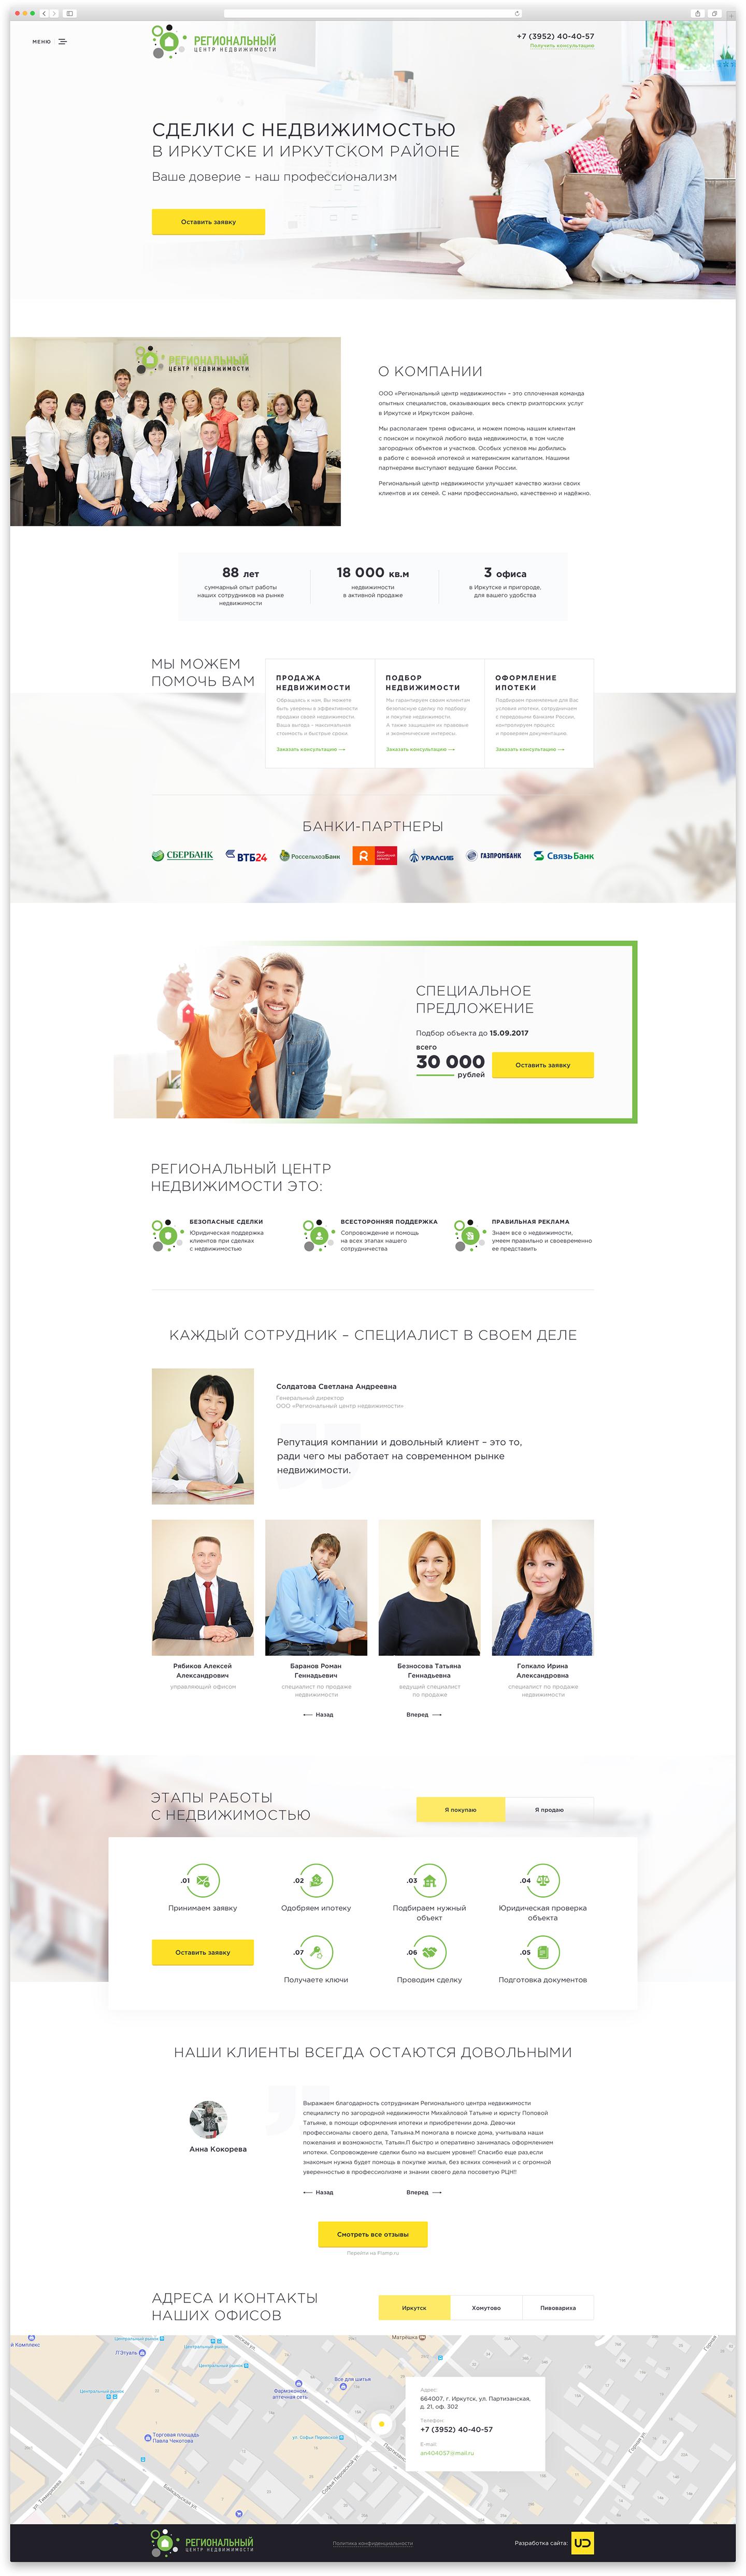 Landing Page «под ключ» для ООО «Региональный центр недвижимости»